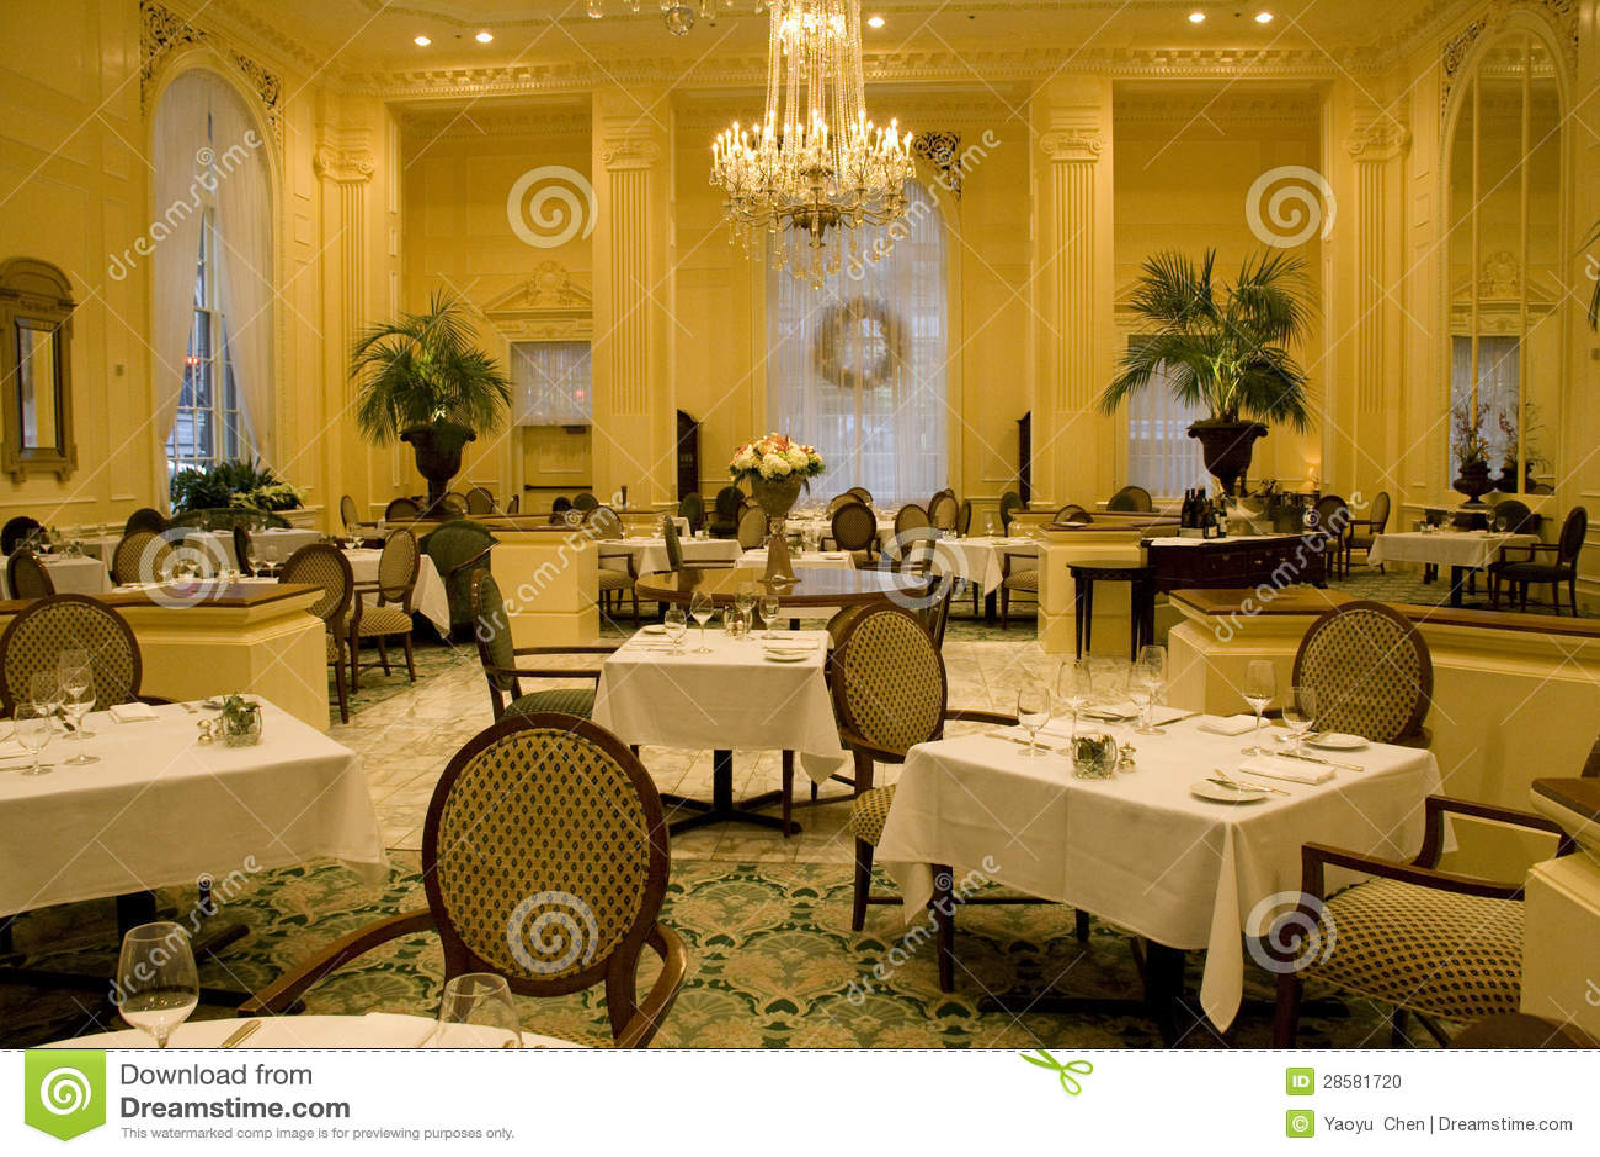 luxury restaurant with elegant interior designs